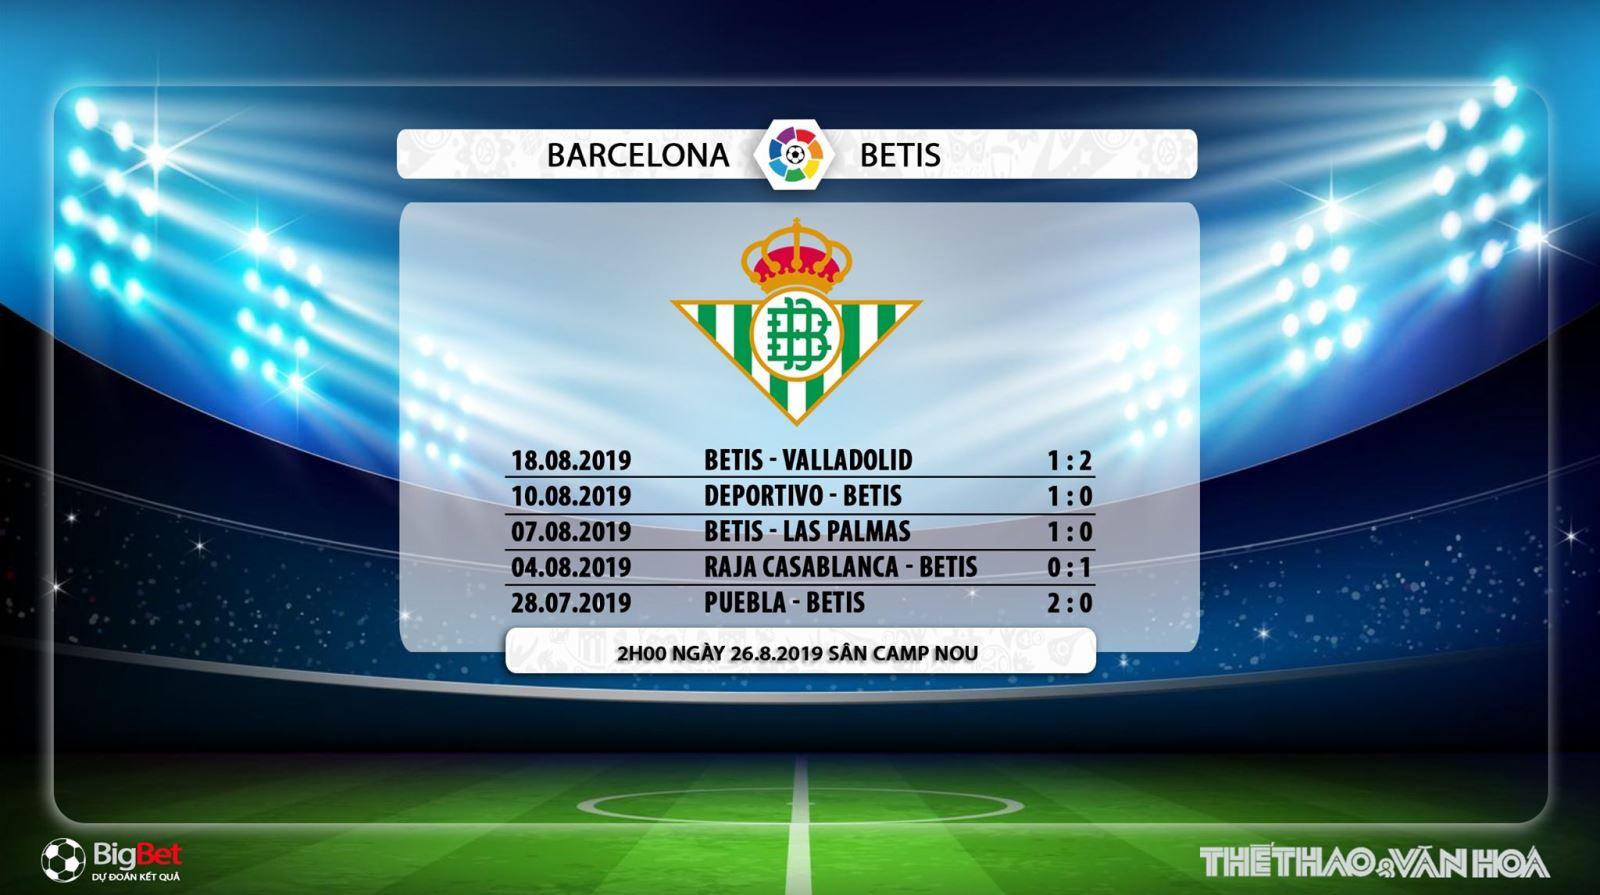 Truc tiep bong da, trực tiếp bóng đá, Barca vs Betis, trực tiếp Barcelona đấu với Real Betis, bóng đá trực tuyến, trực tiếp bóng đá Tây Ban Nha, La Liga, Barcelona, Betis